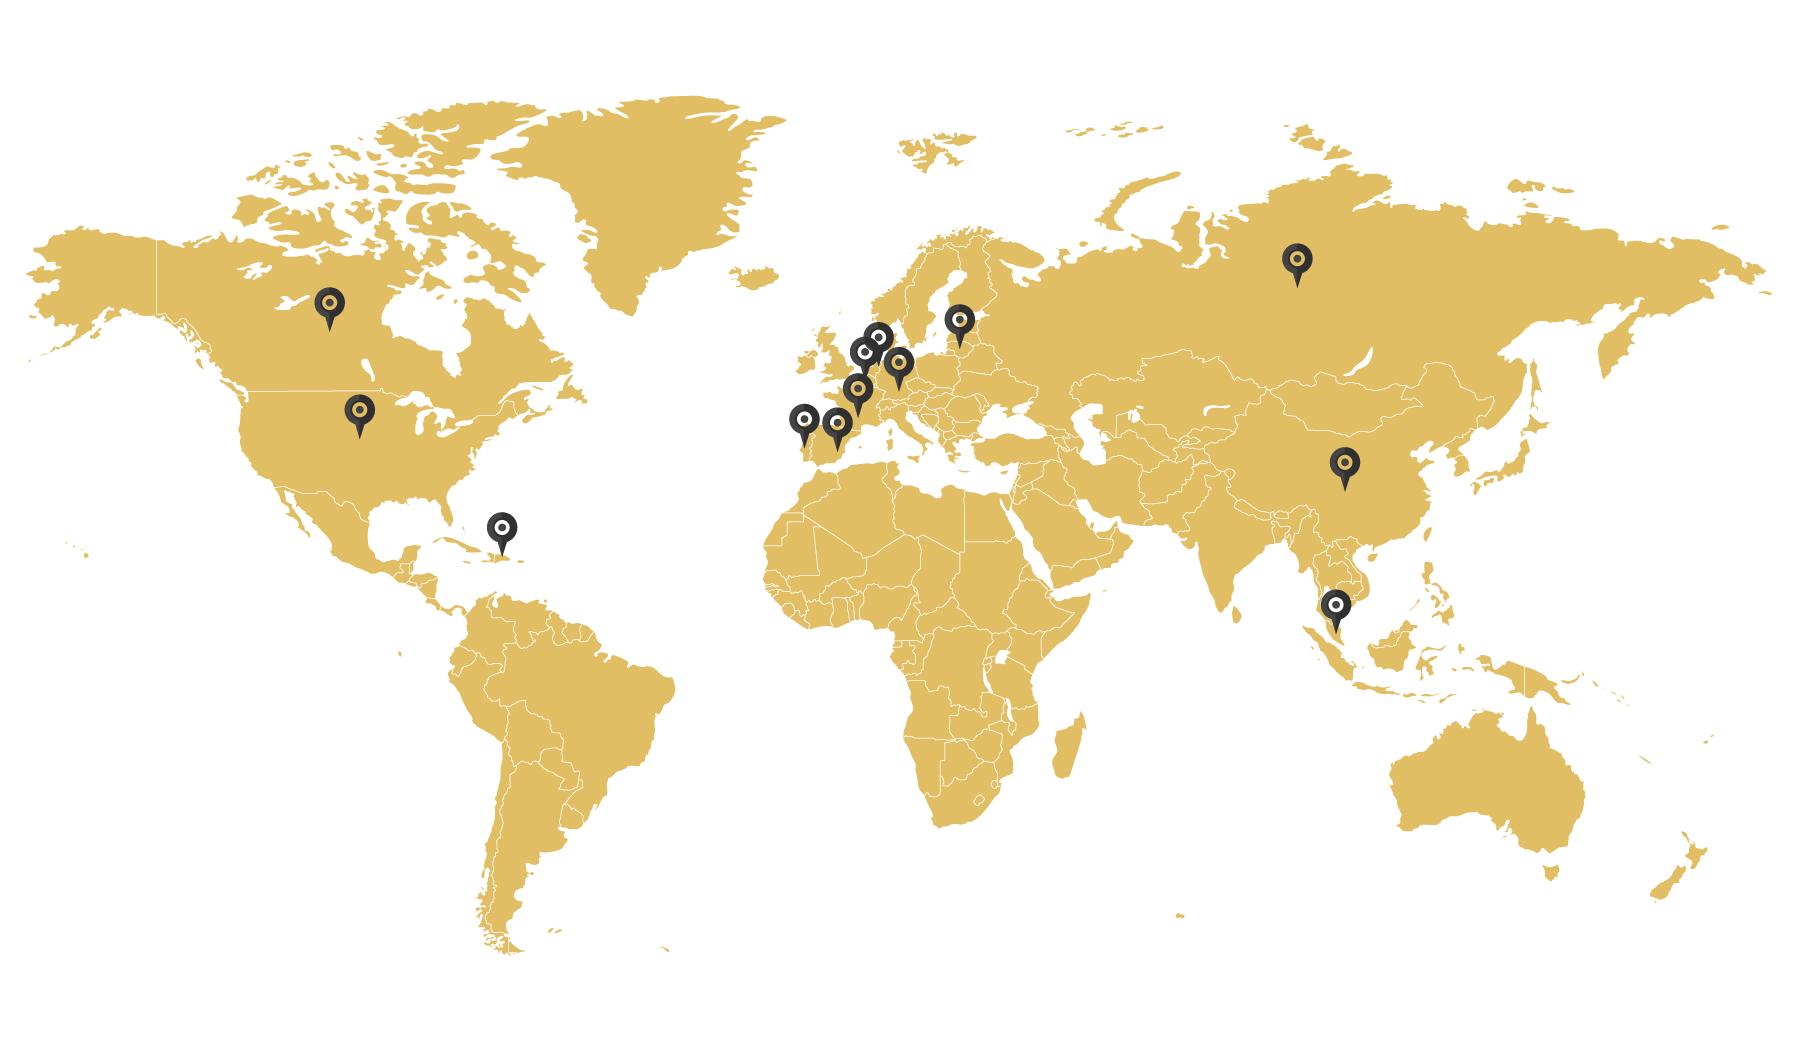 Mapa del mundo indicando donde se vende Pafritas